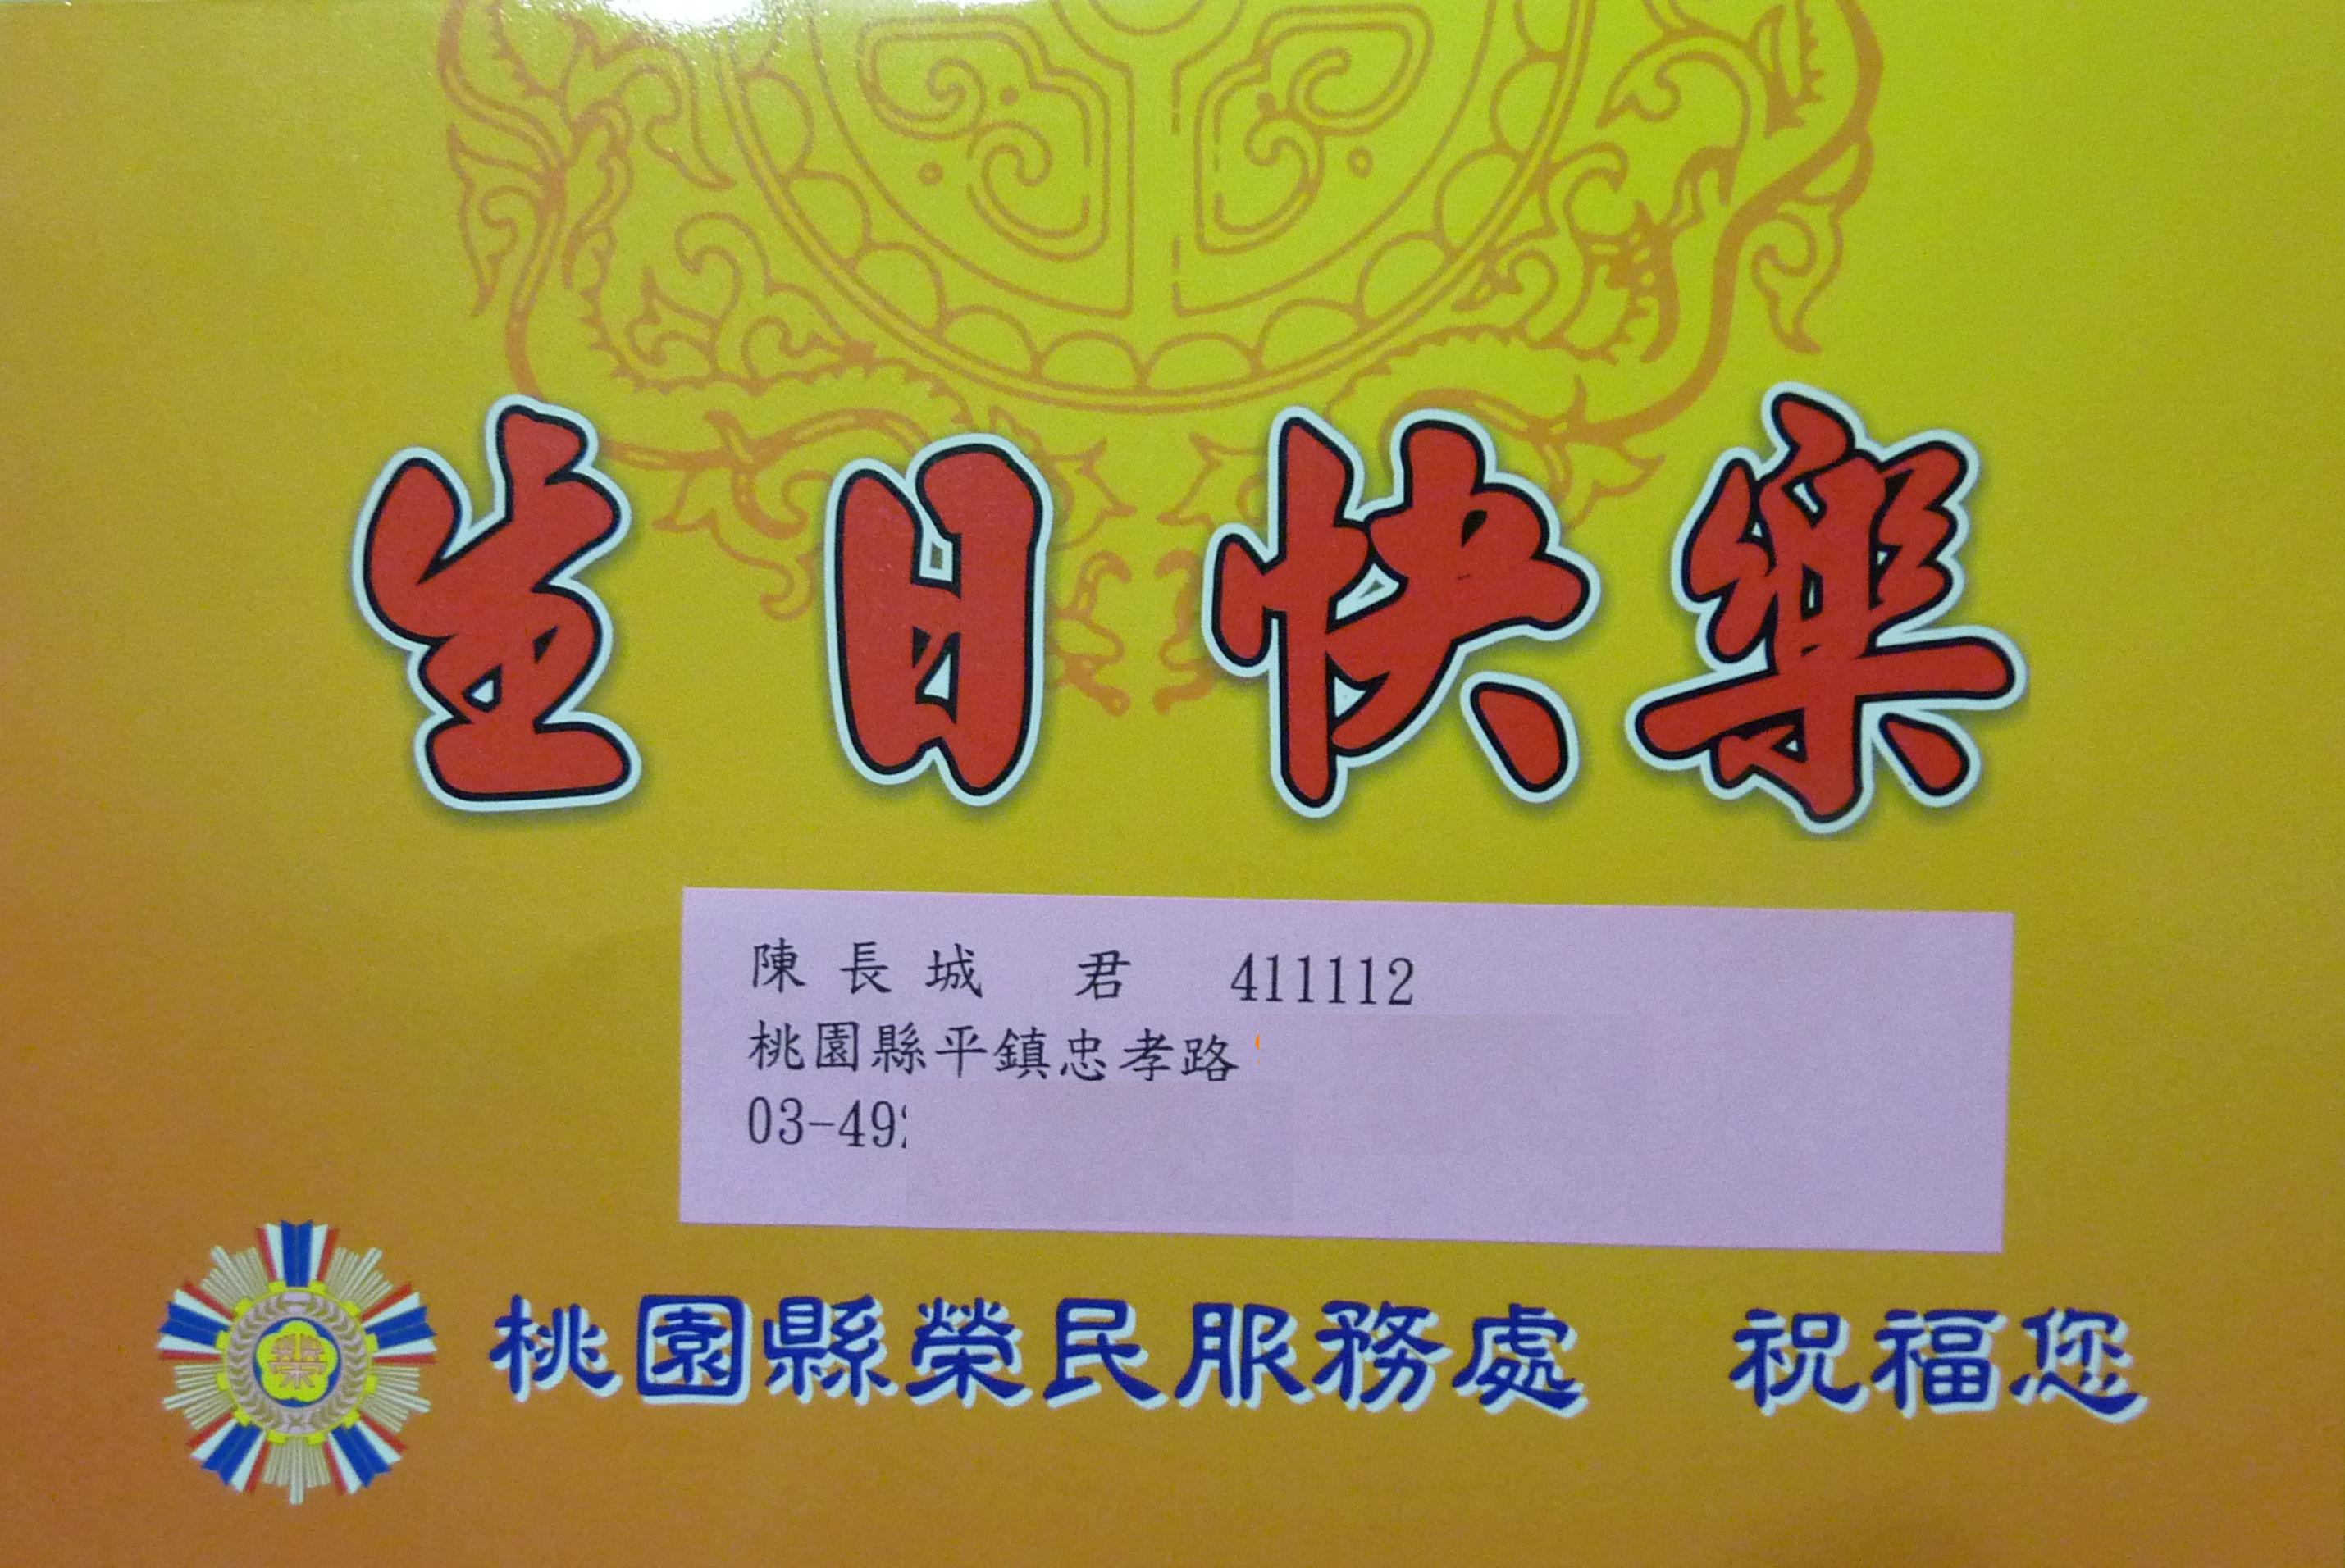 榮民卡-1.jpg